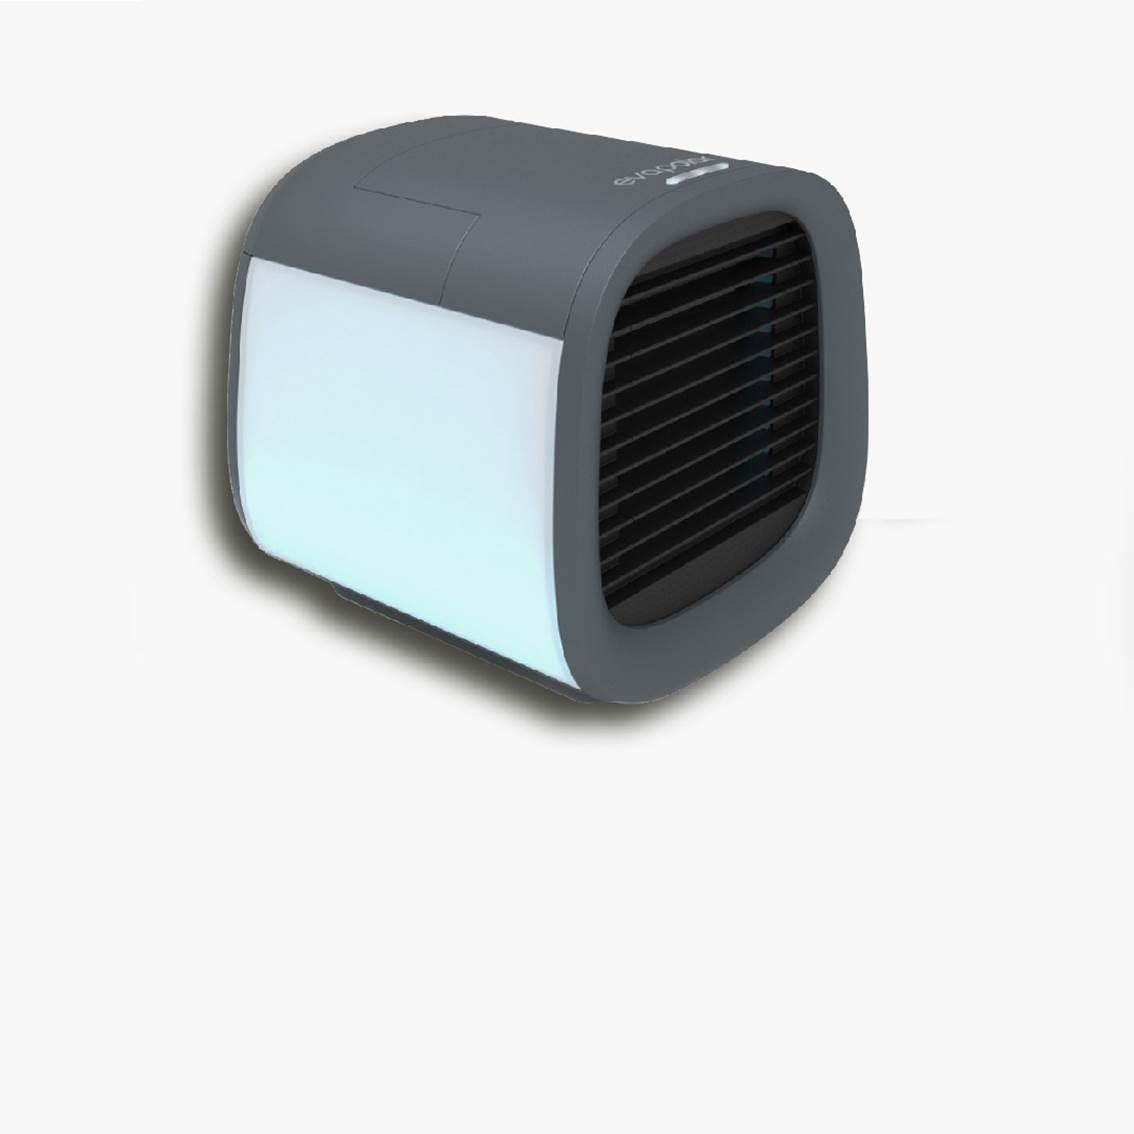 evaPOLAR 手提涼風機 (供應商發貨, 到貨將另行通知取貨)(連贈品*貨品及贈品一併送貨)